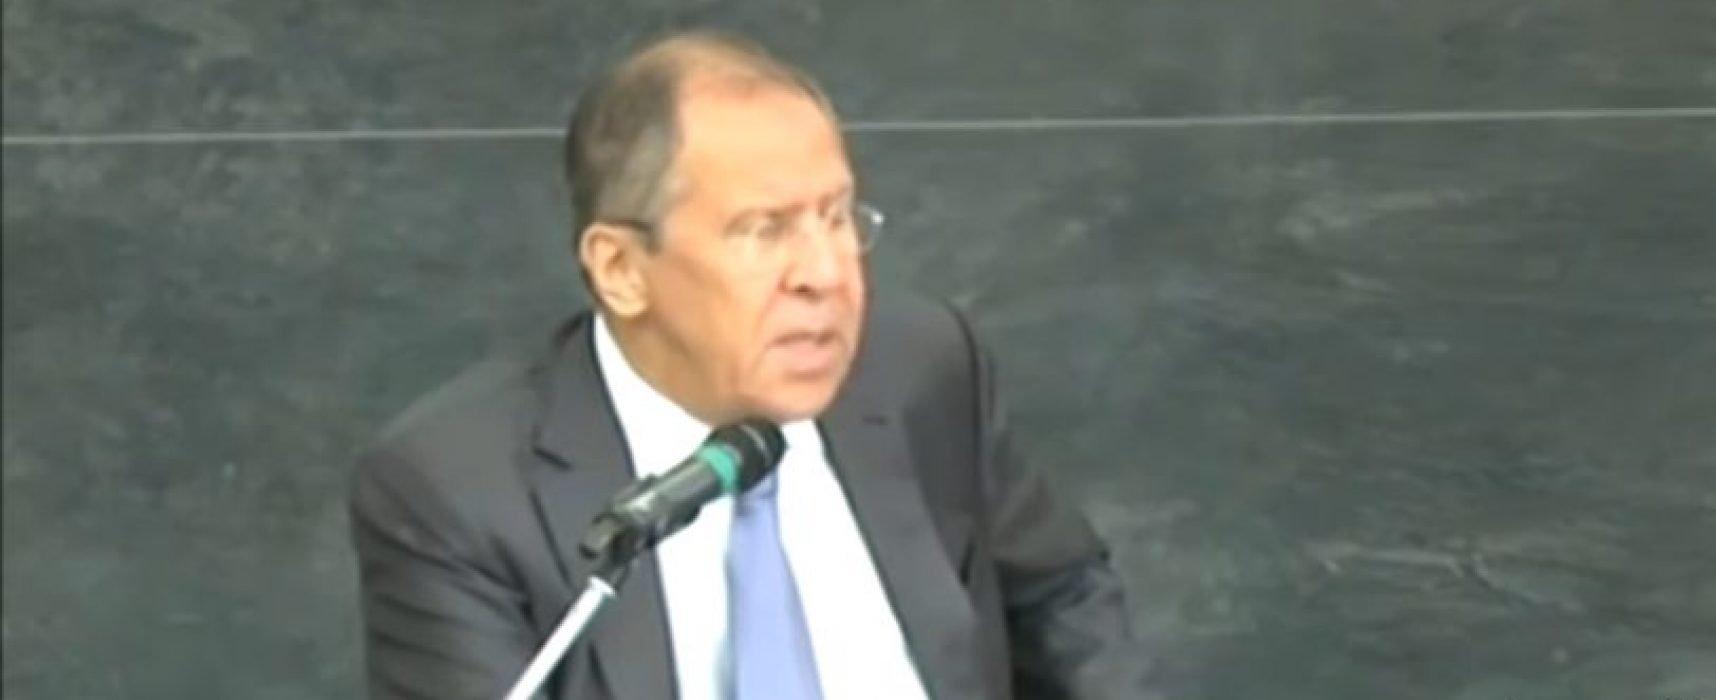 Канал Russia Today вырезал из своего видео фразу Лаврова о том, что Россия участвует в конфликте на Донбассе